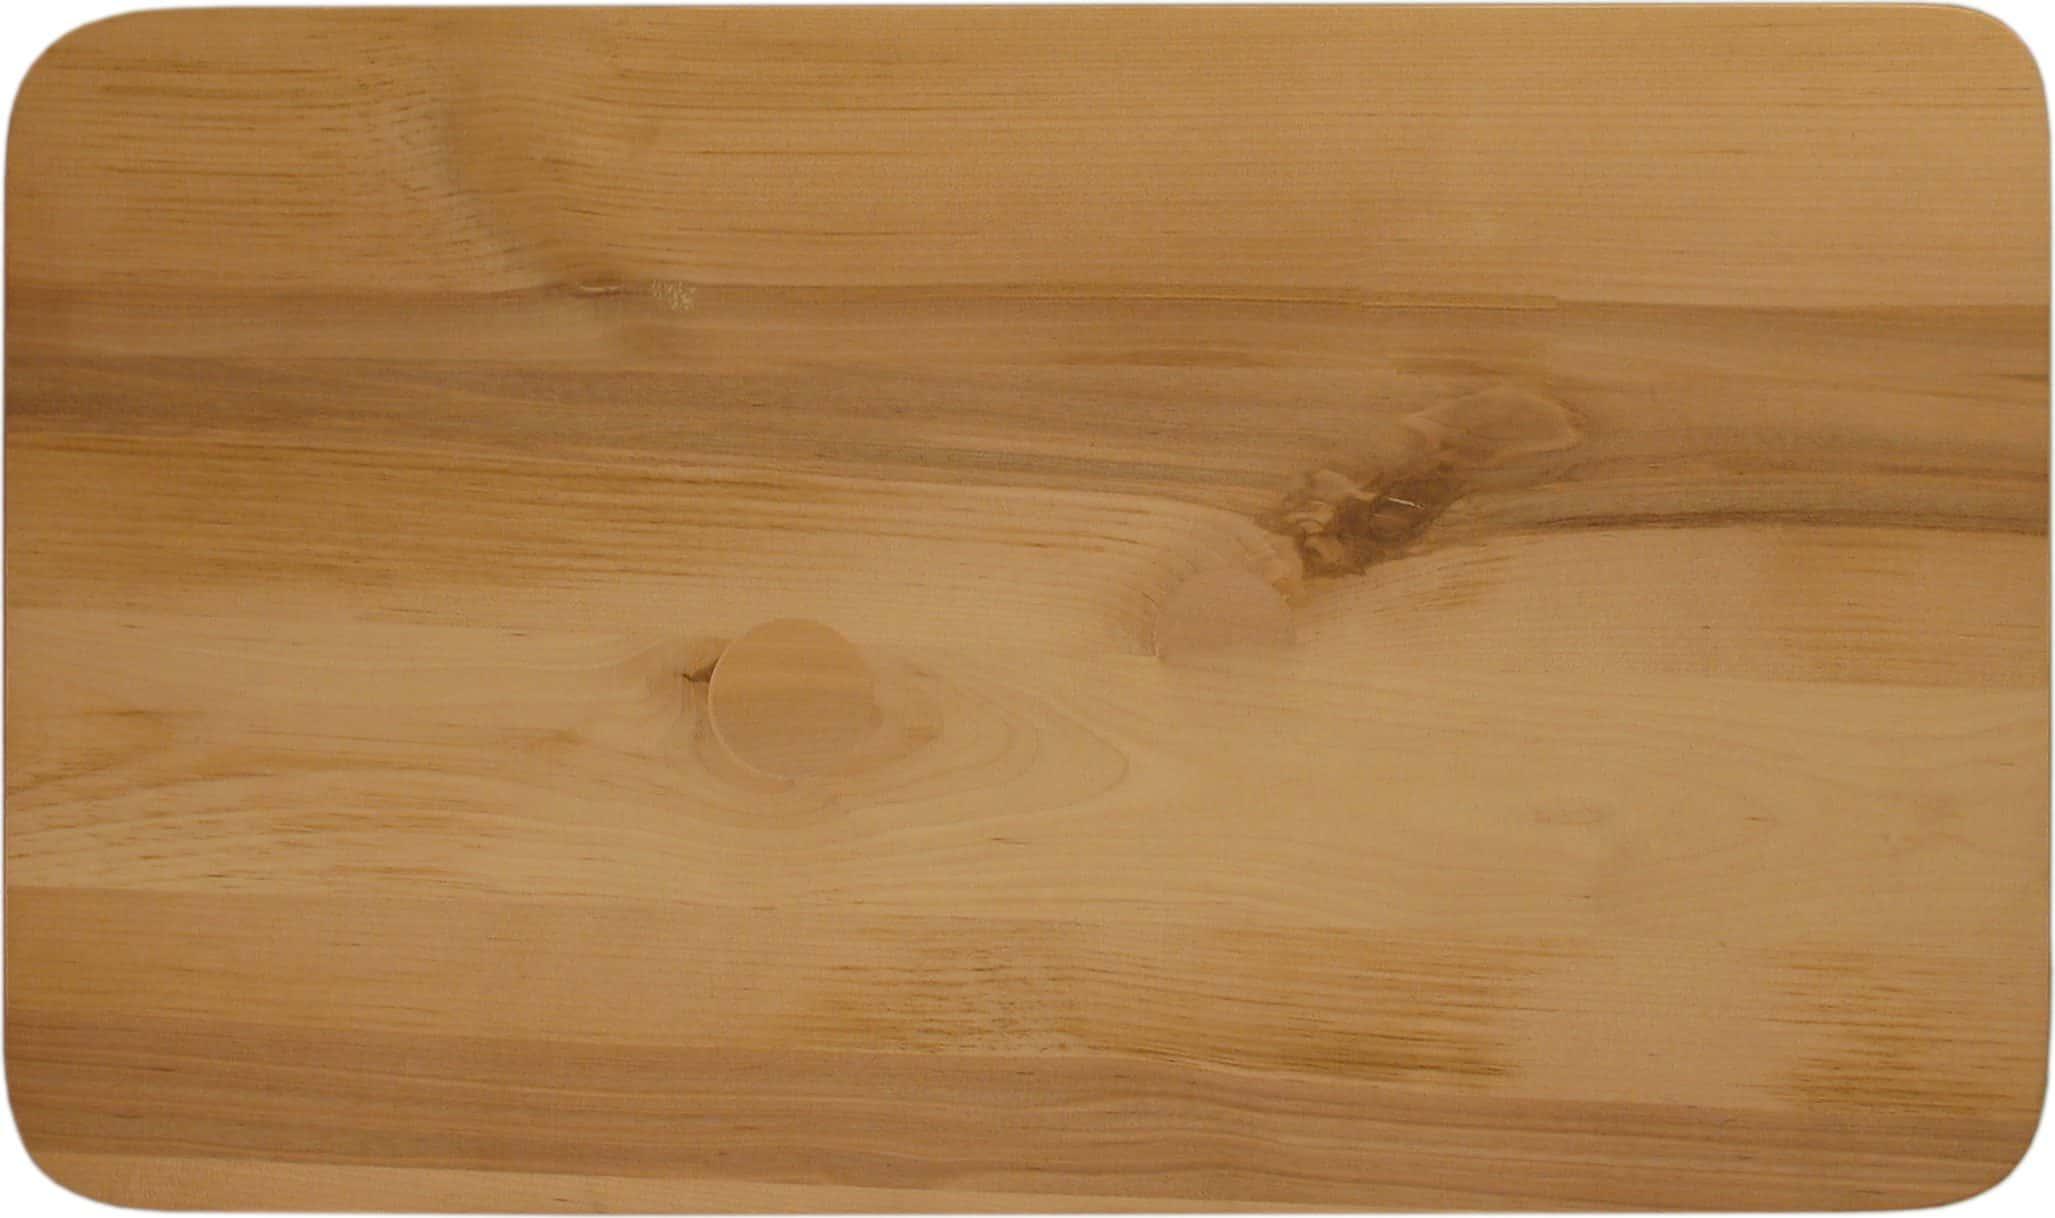 Из каких пород деревьев делают разделочные доски